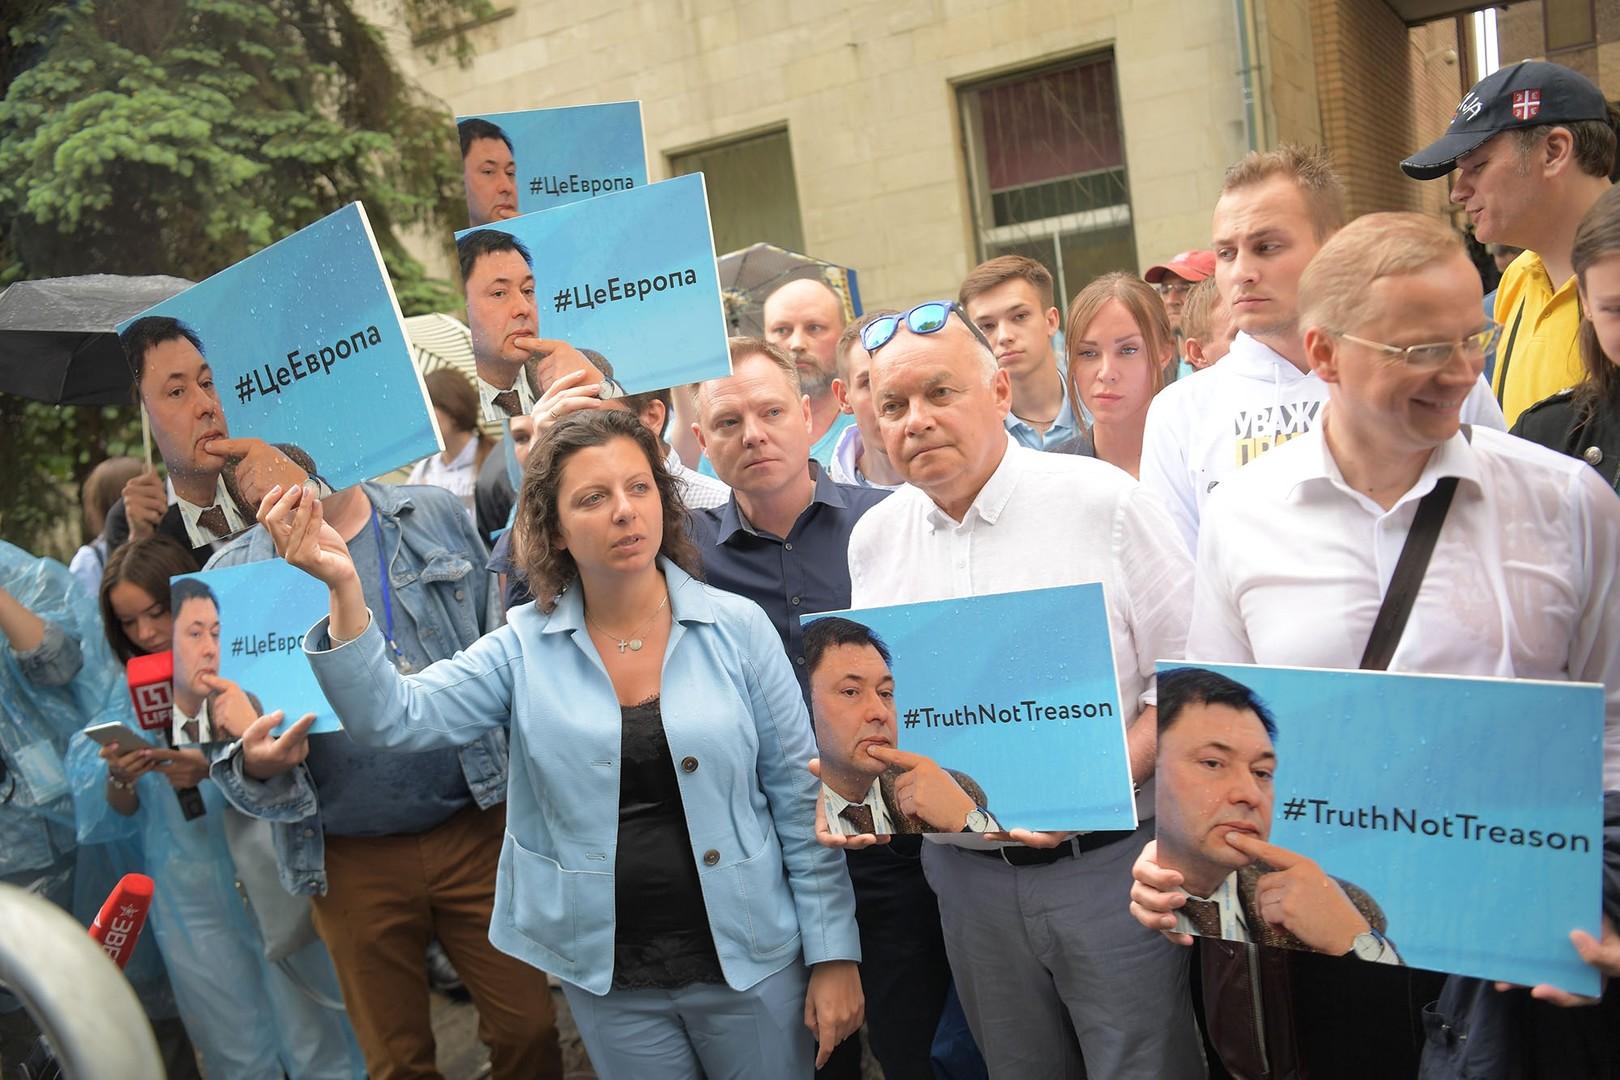 Verfolgung russischer Medien in der Ukraine - Schadenfreude und Schweigen im Westen